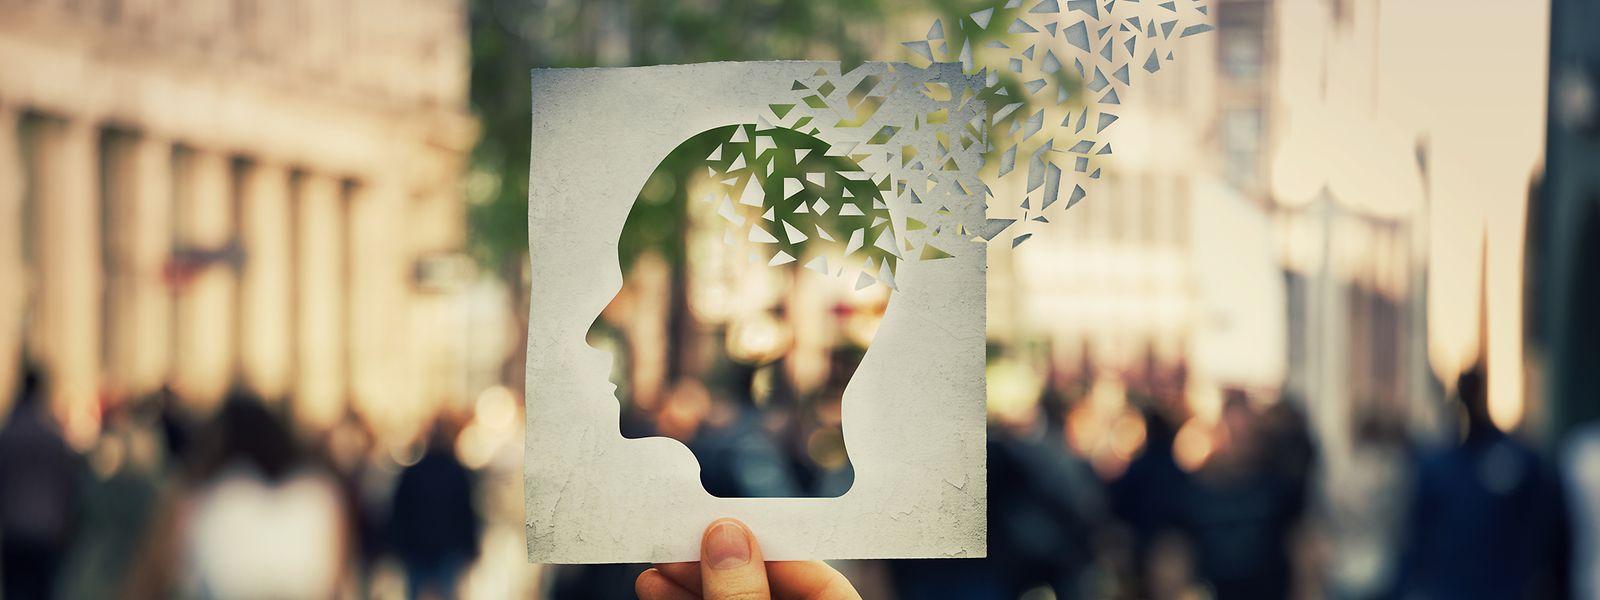 Demenz betrifft fast zehn Millionen Menschen in Europa.